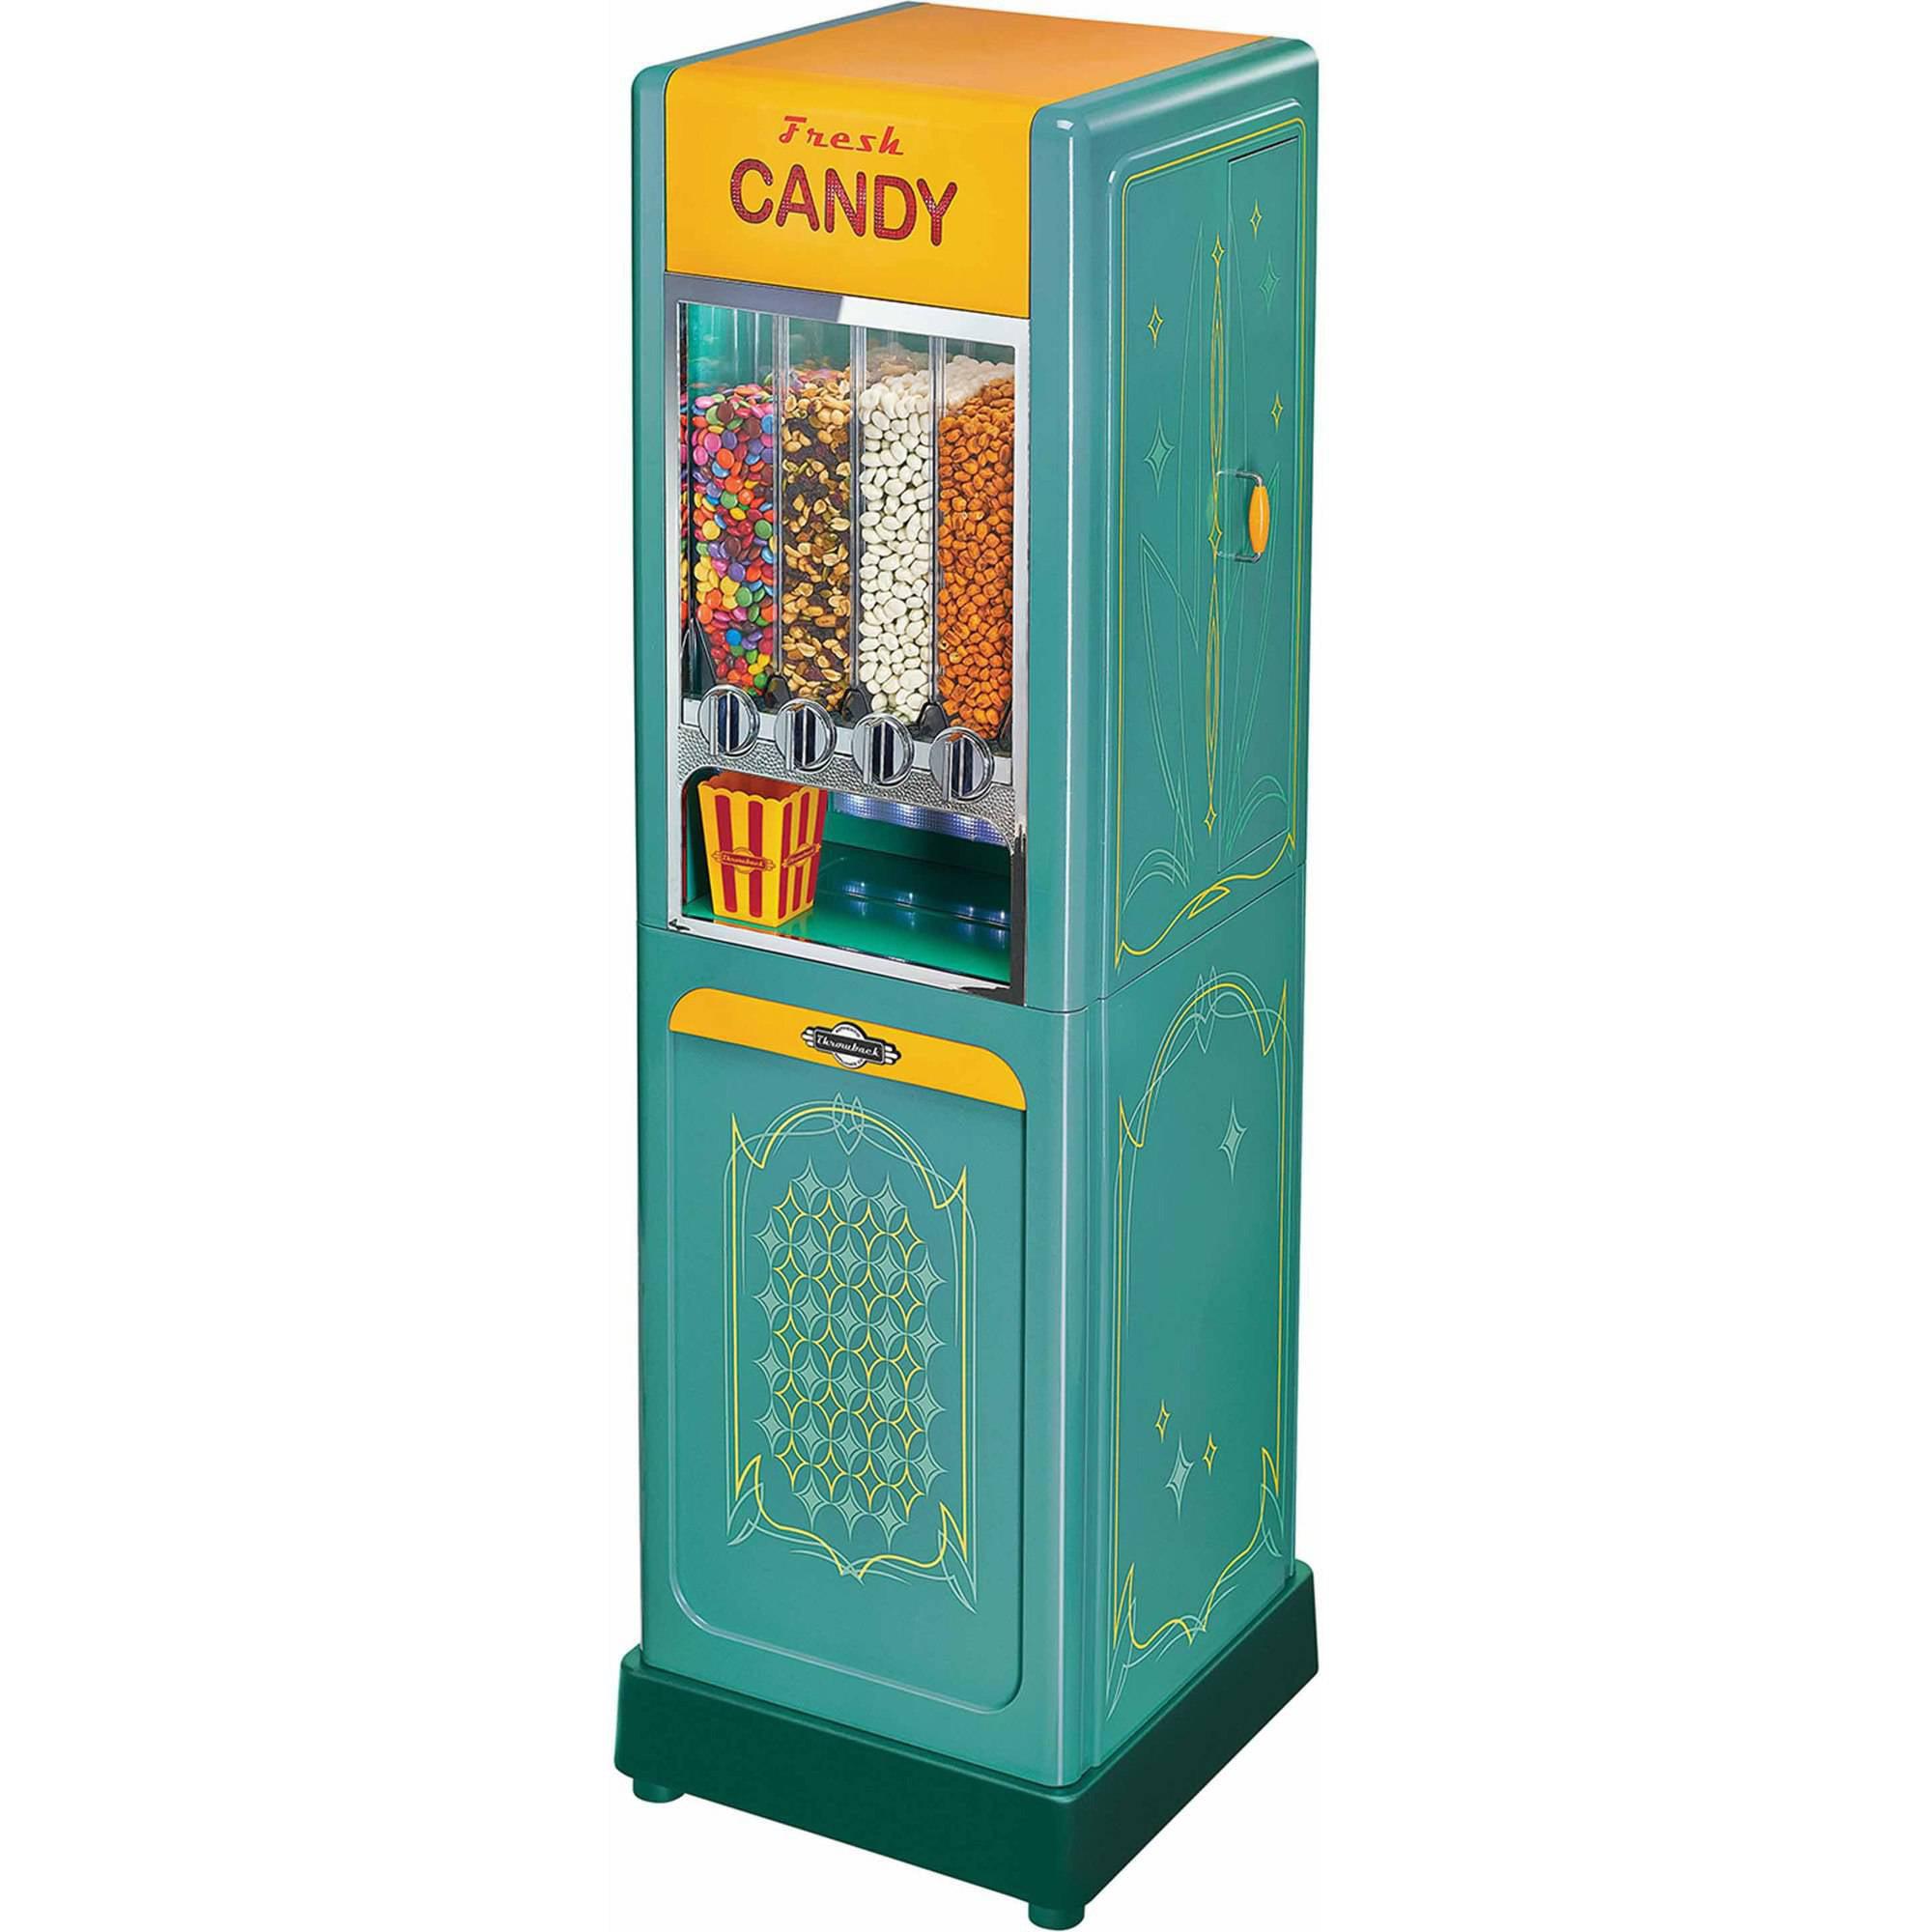 Candy Dispenser Walmart